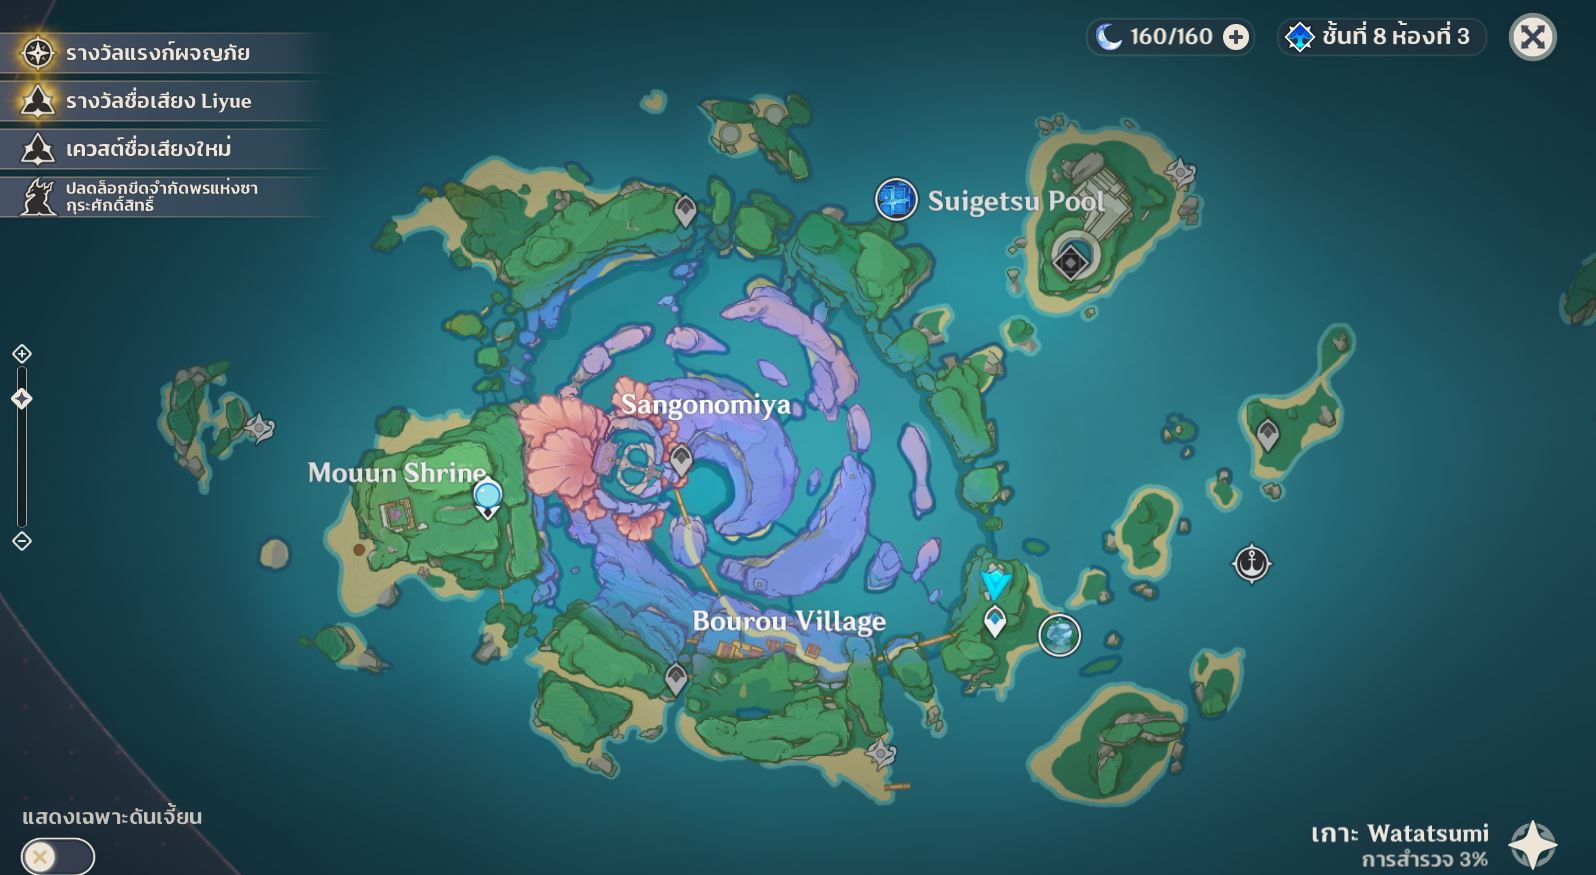 Genshin Impact ปริศนาแท่นหิน 9 ช่อง แผนที่ปริศนา